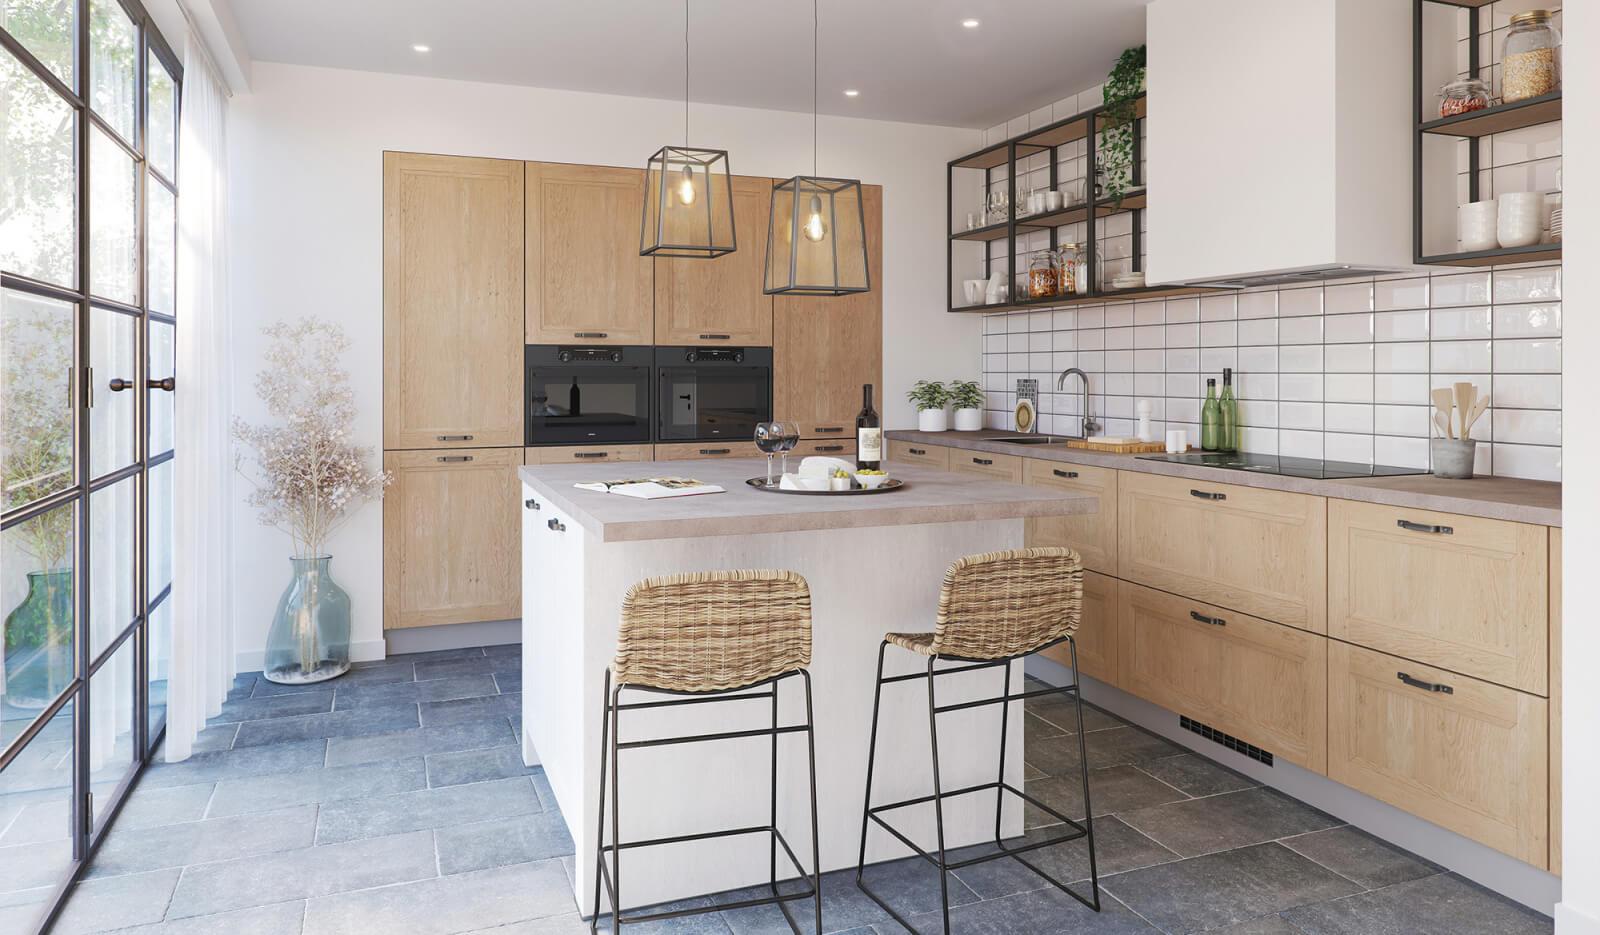 Keuken Ravenstein licht eiken en wit - woonkeuken